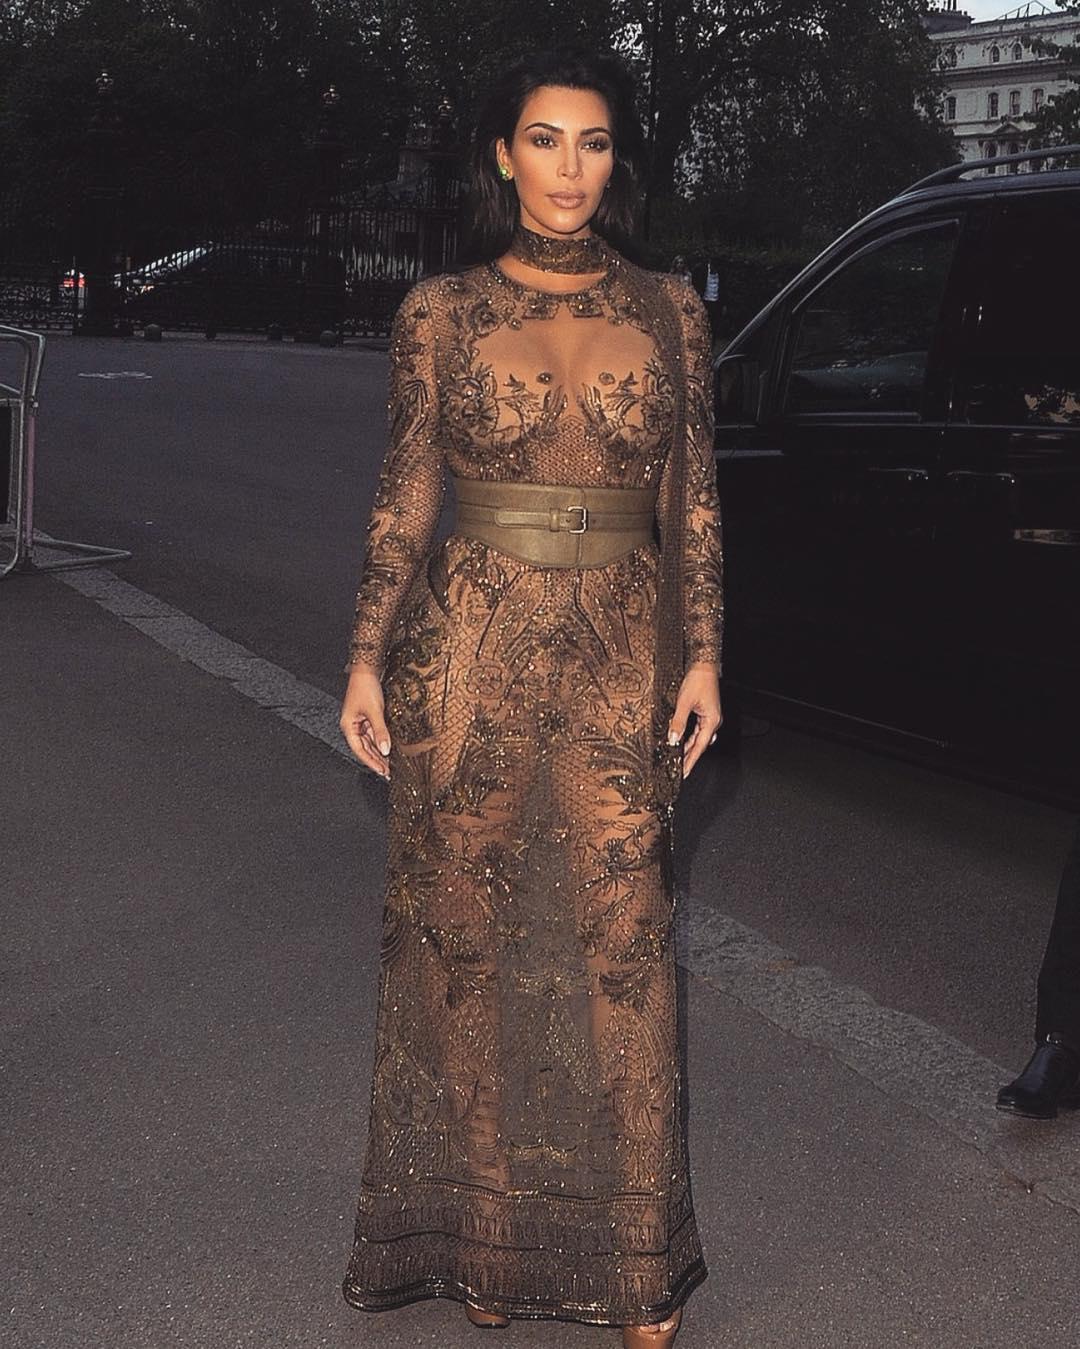 Dünyaca ünlü magazin yıldızı Kim Kardashian sexy transparan kıyafeti ile yine ortalığı karıştırmayı başardı. Foto galeriyi görüntülemek için buraya tıklayın.